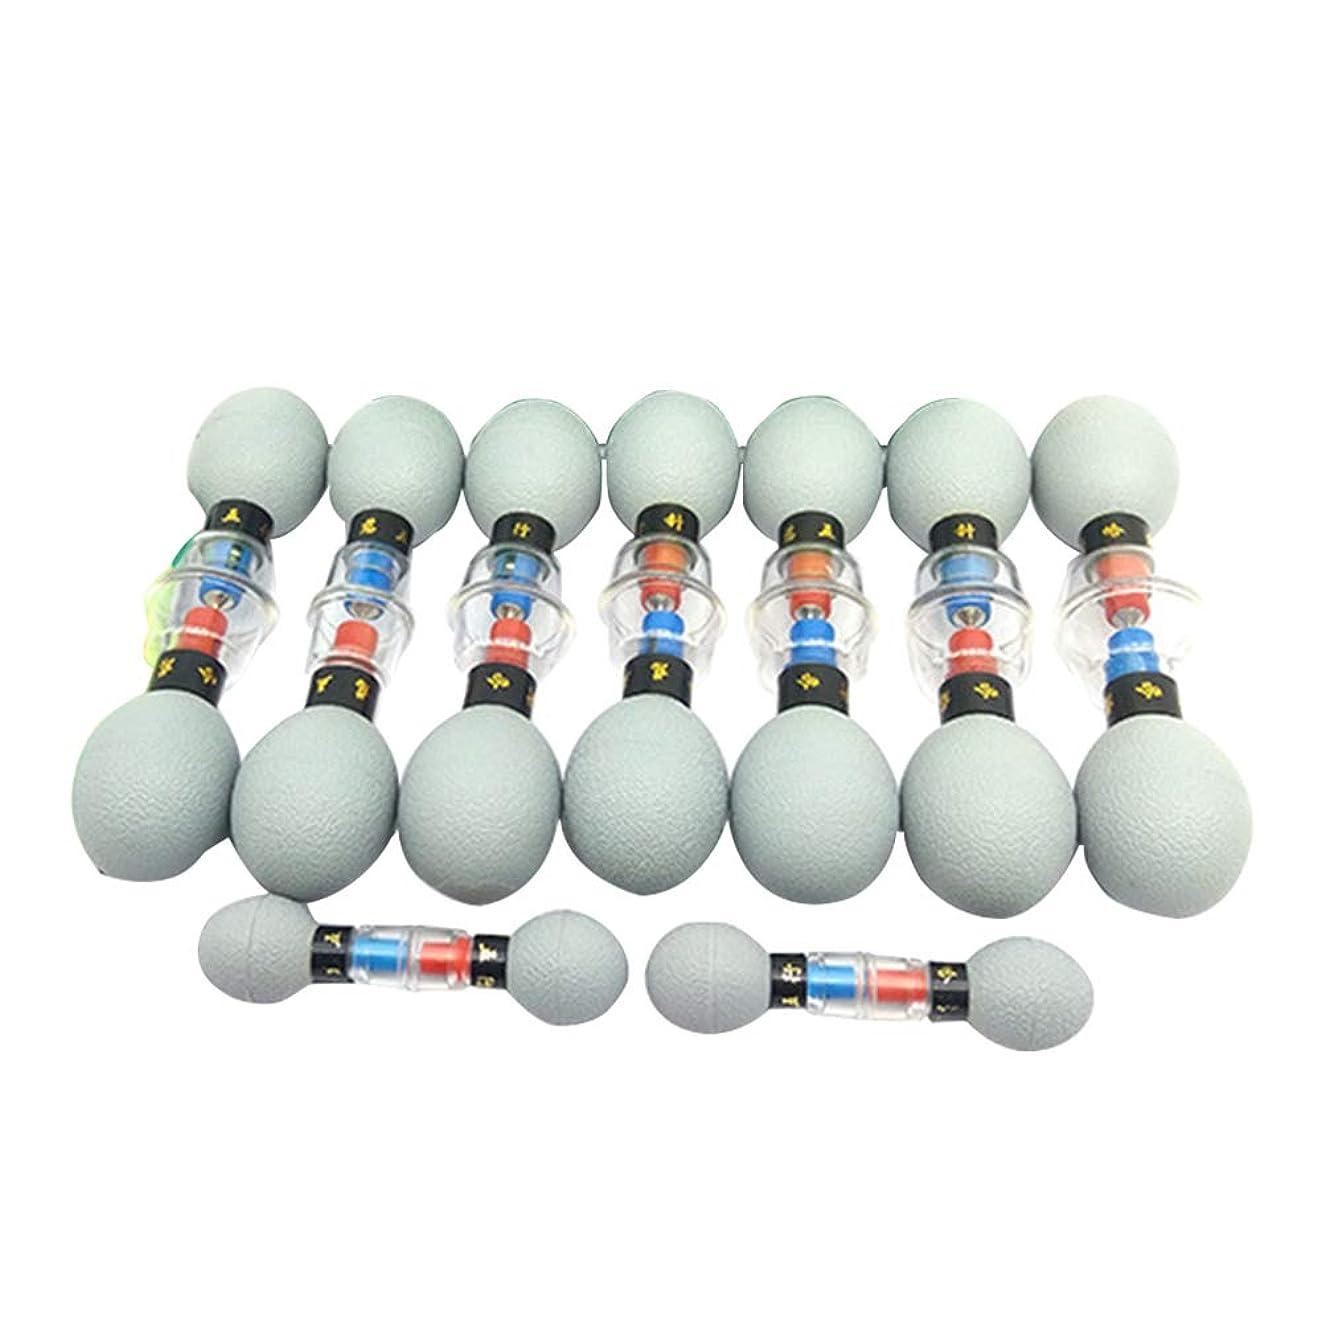 能力面倒幸運なSUPVOX 中国のバイオ磁気カッピング療法セット真空吸引カッピング指圧療法ツール用痛み緩和18ピース